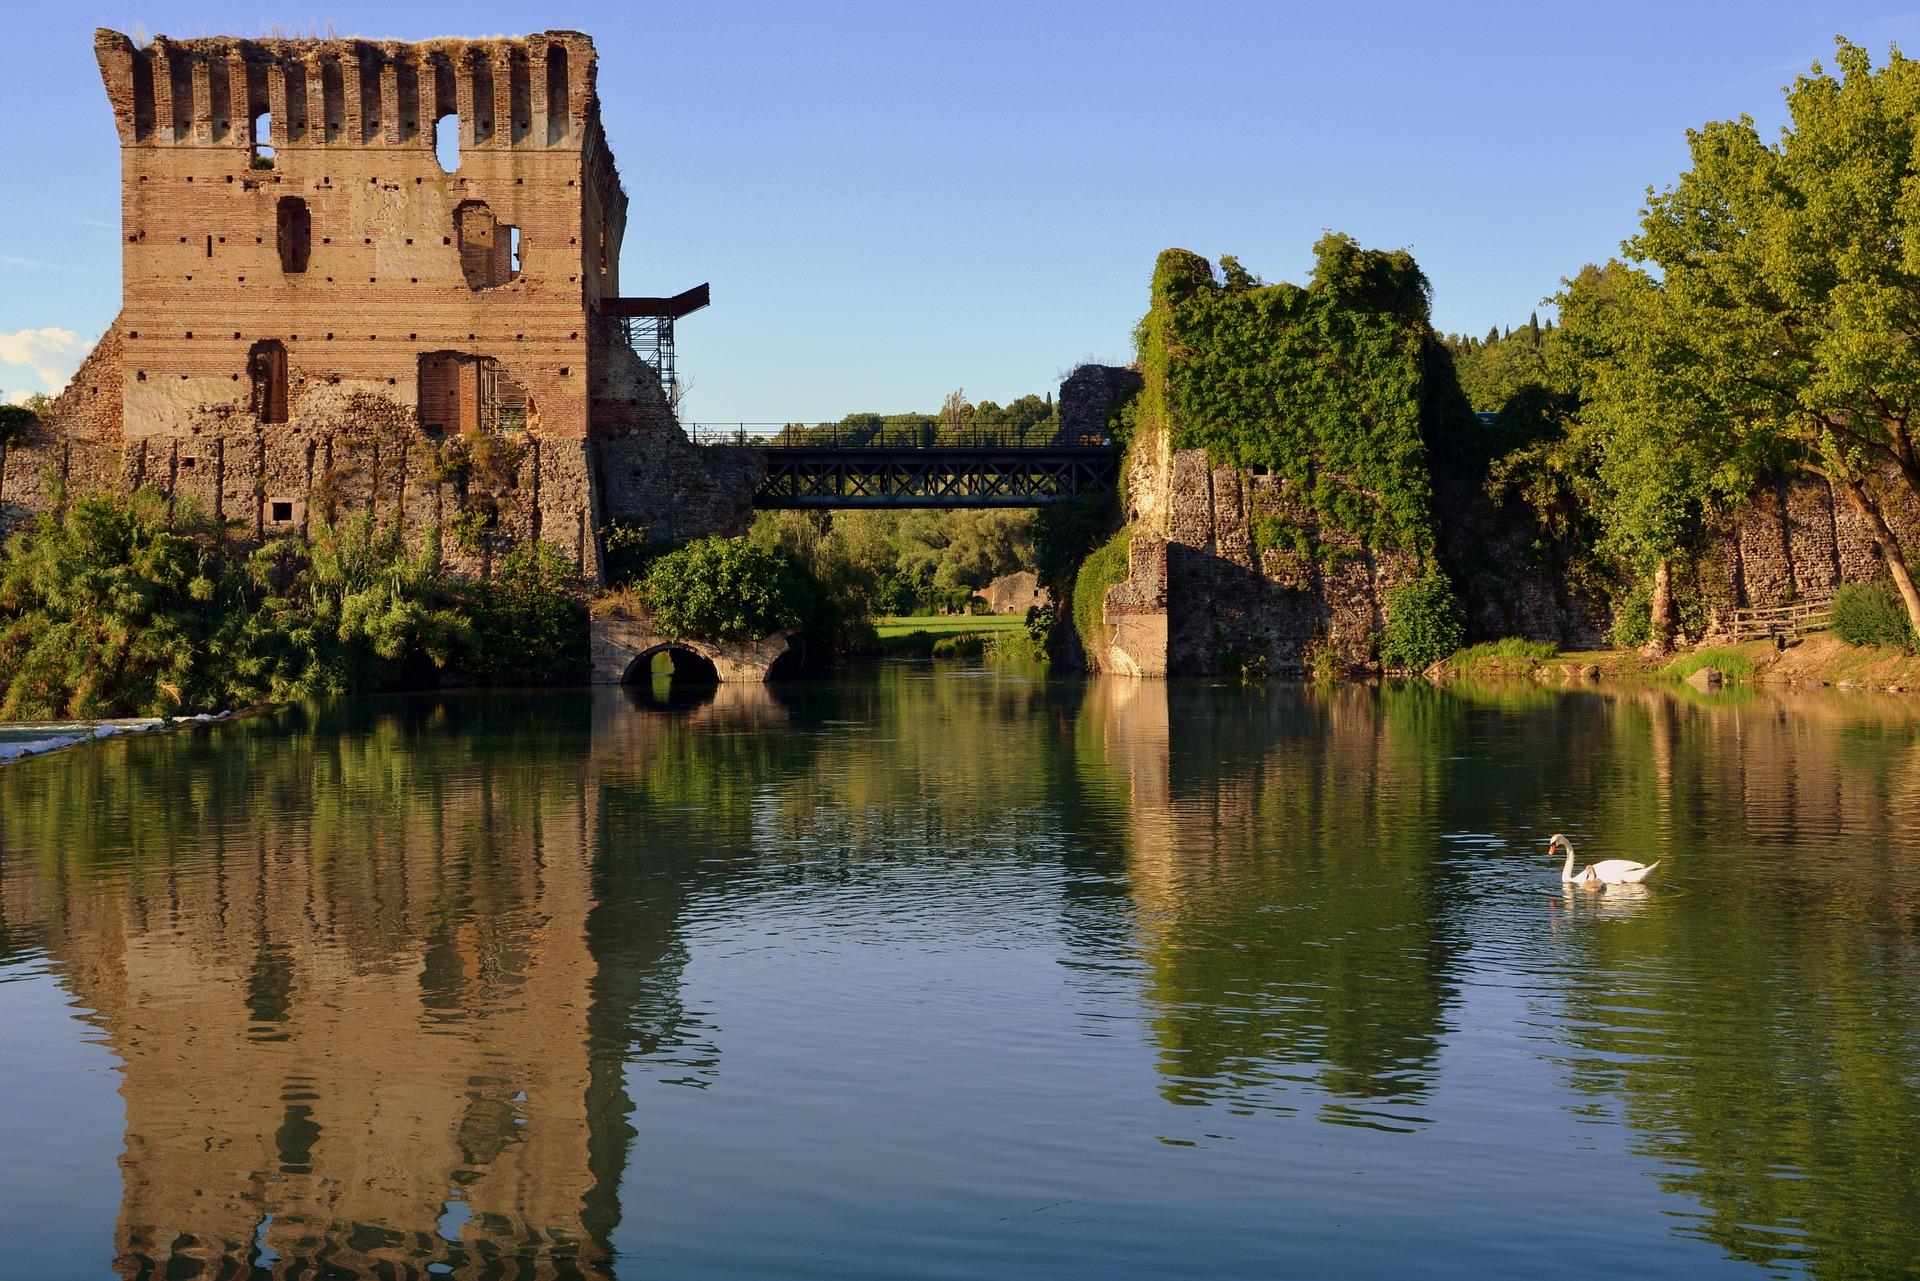 Esiste un posto in Italia dove la natura incontra la storia: benvenuti a Vialeggio sul Mincio, il borgo spettacolare d'Italia.